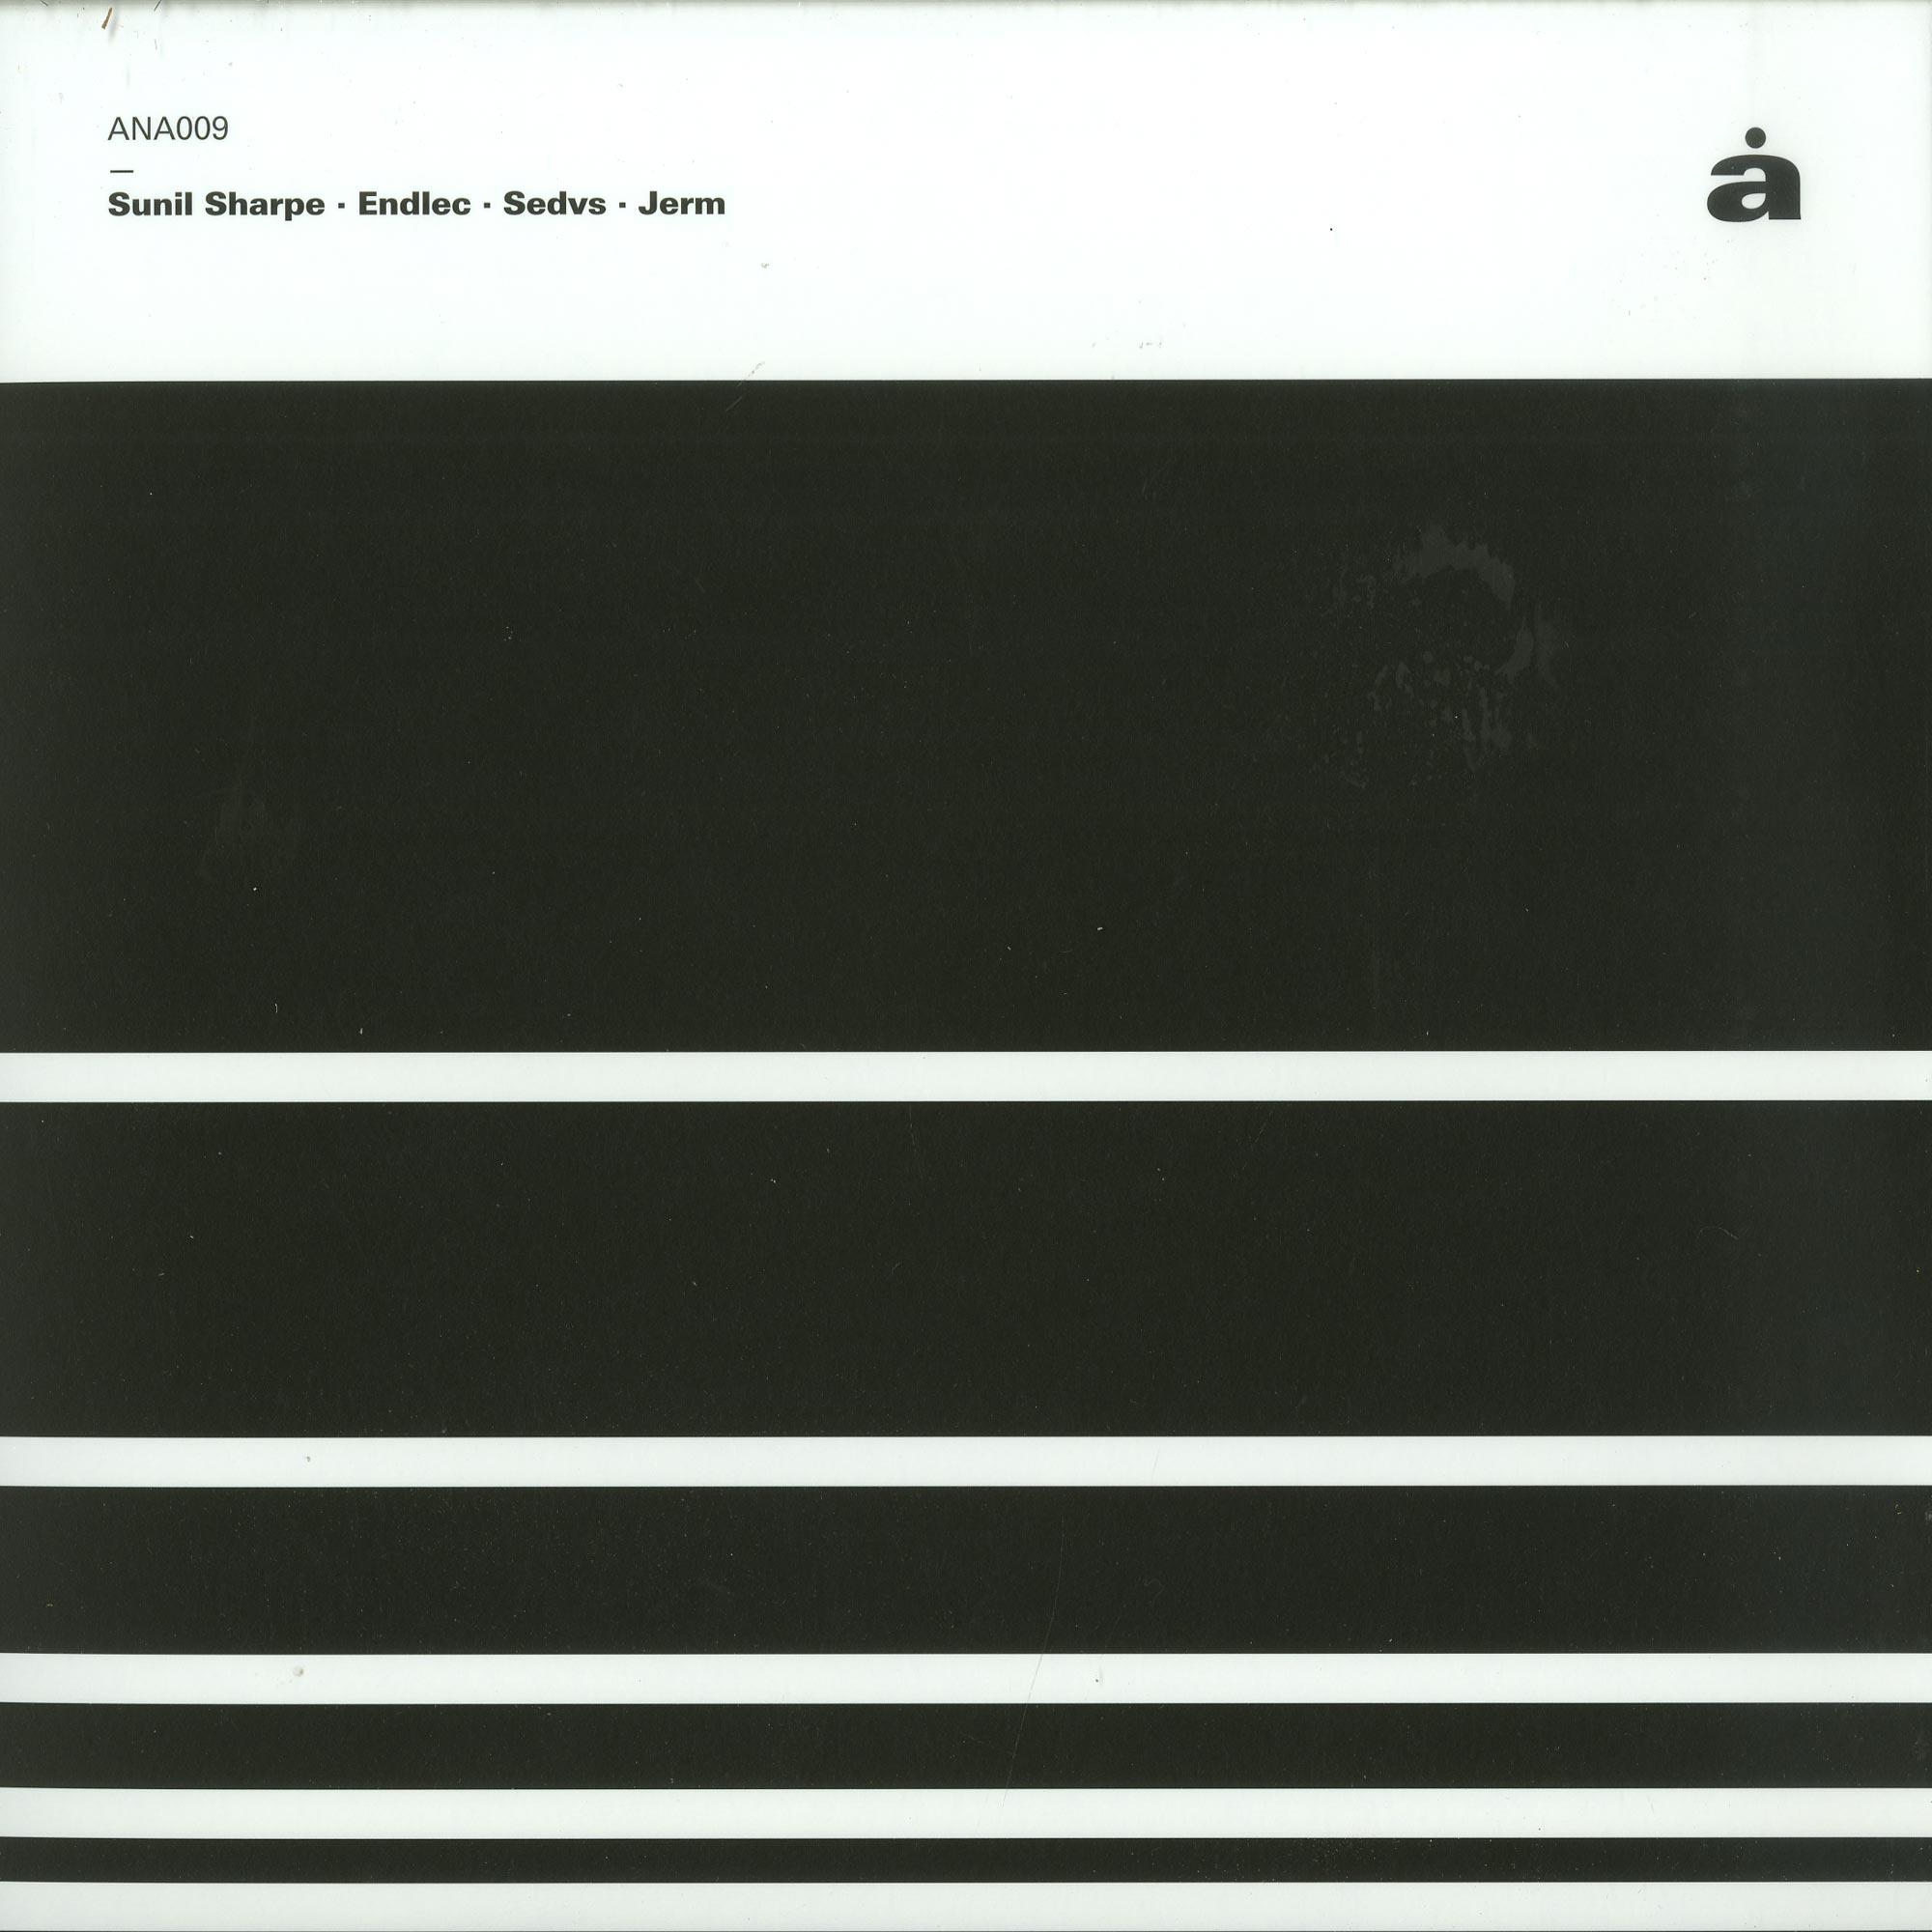 Sunil Sharpe / Endlec / Sedvs / Jerm - V/A